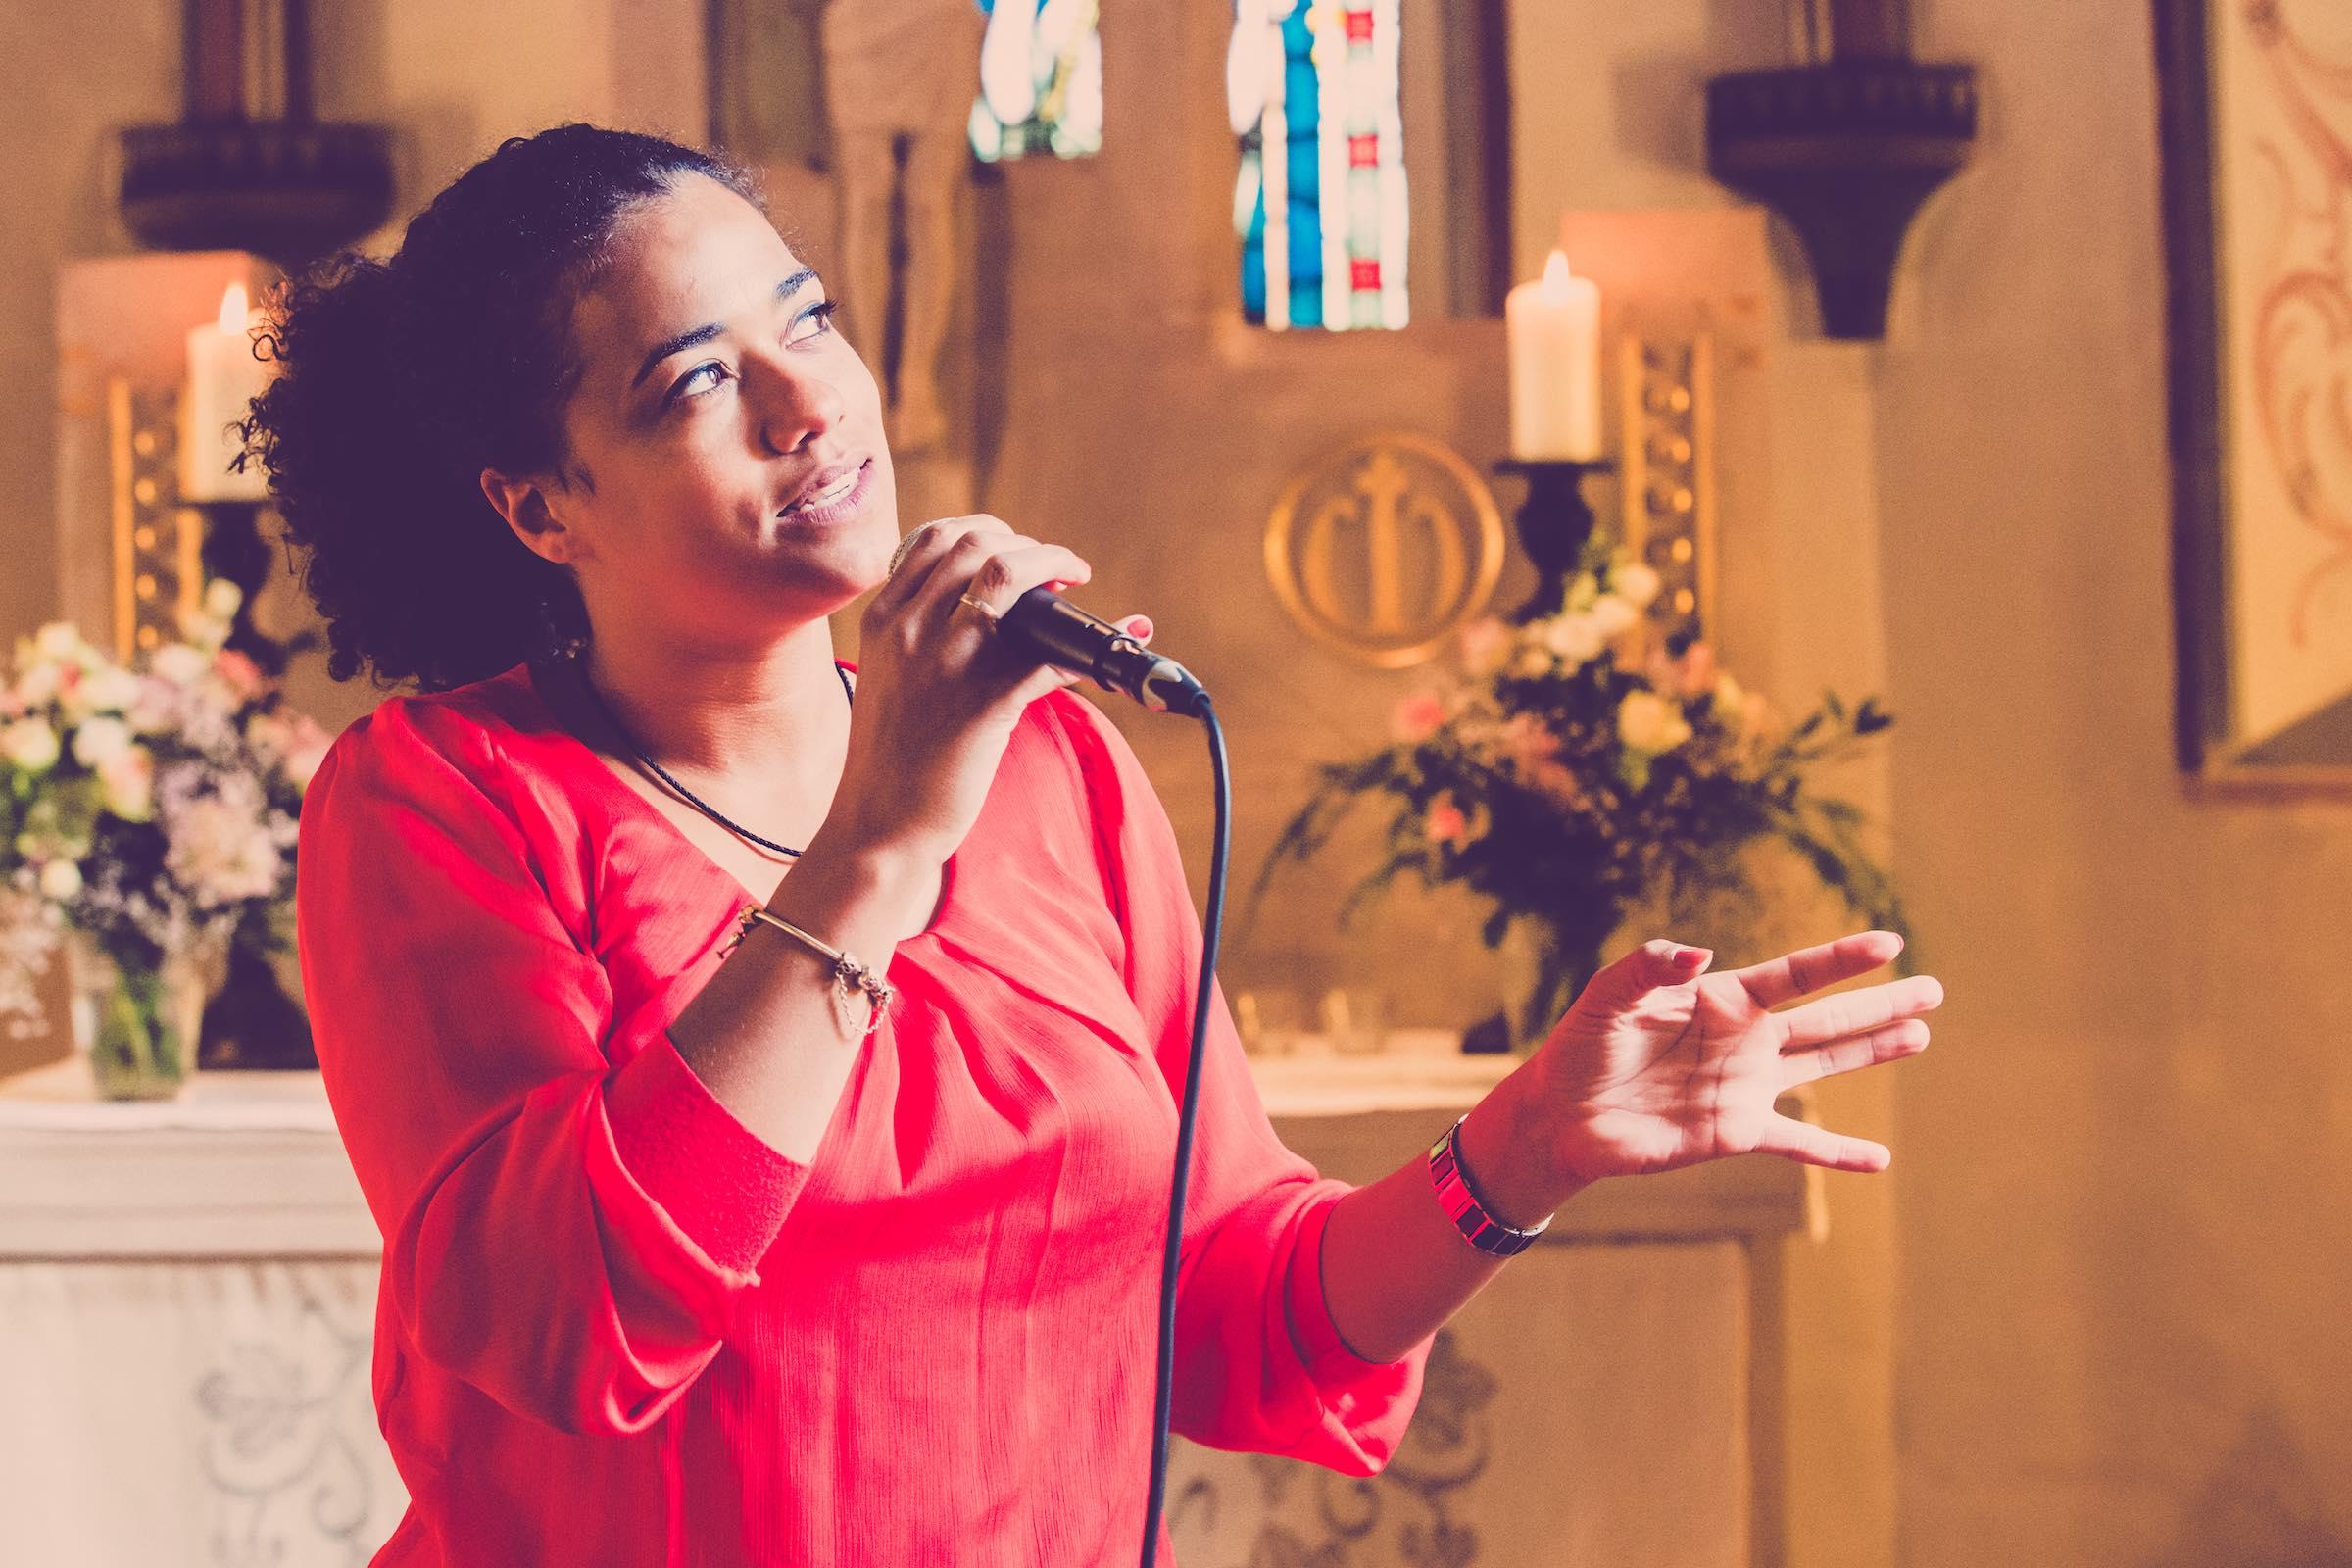 hochzeitssängerin | Hannover | Mieten | Sängerin | Kirchensängerin | Hochzeit | Lieder | Sängerin | Trauung | Sängerin | Trauung | Sängerin | Kirche | Preise | Buchen | Nathalie | Chérestal | Lehmann | Eventservice